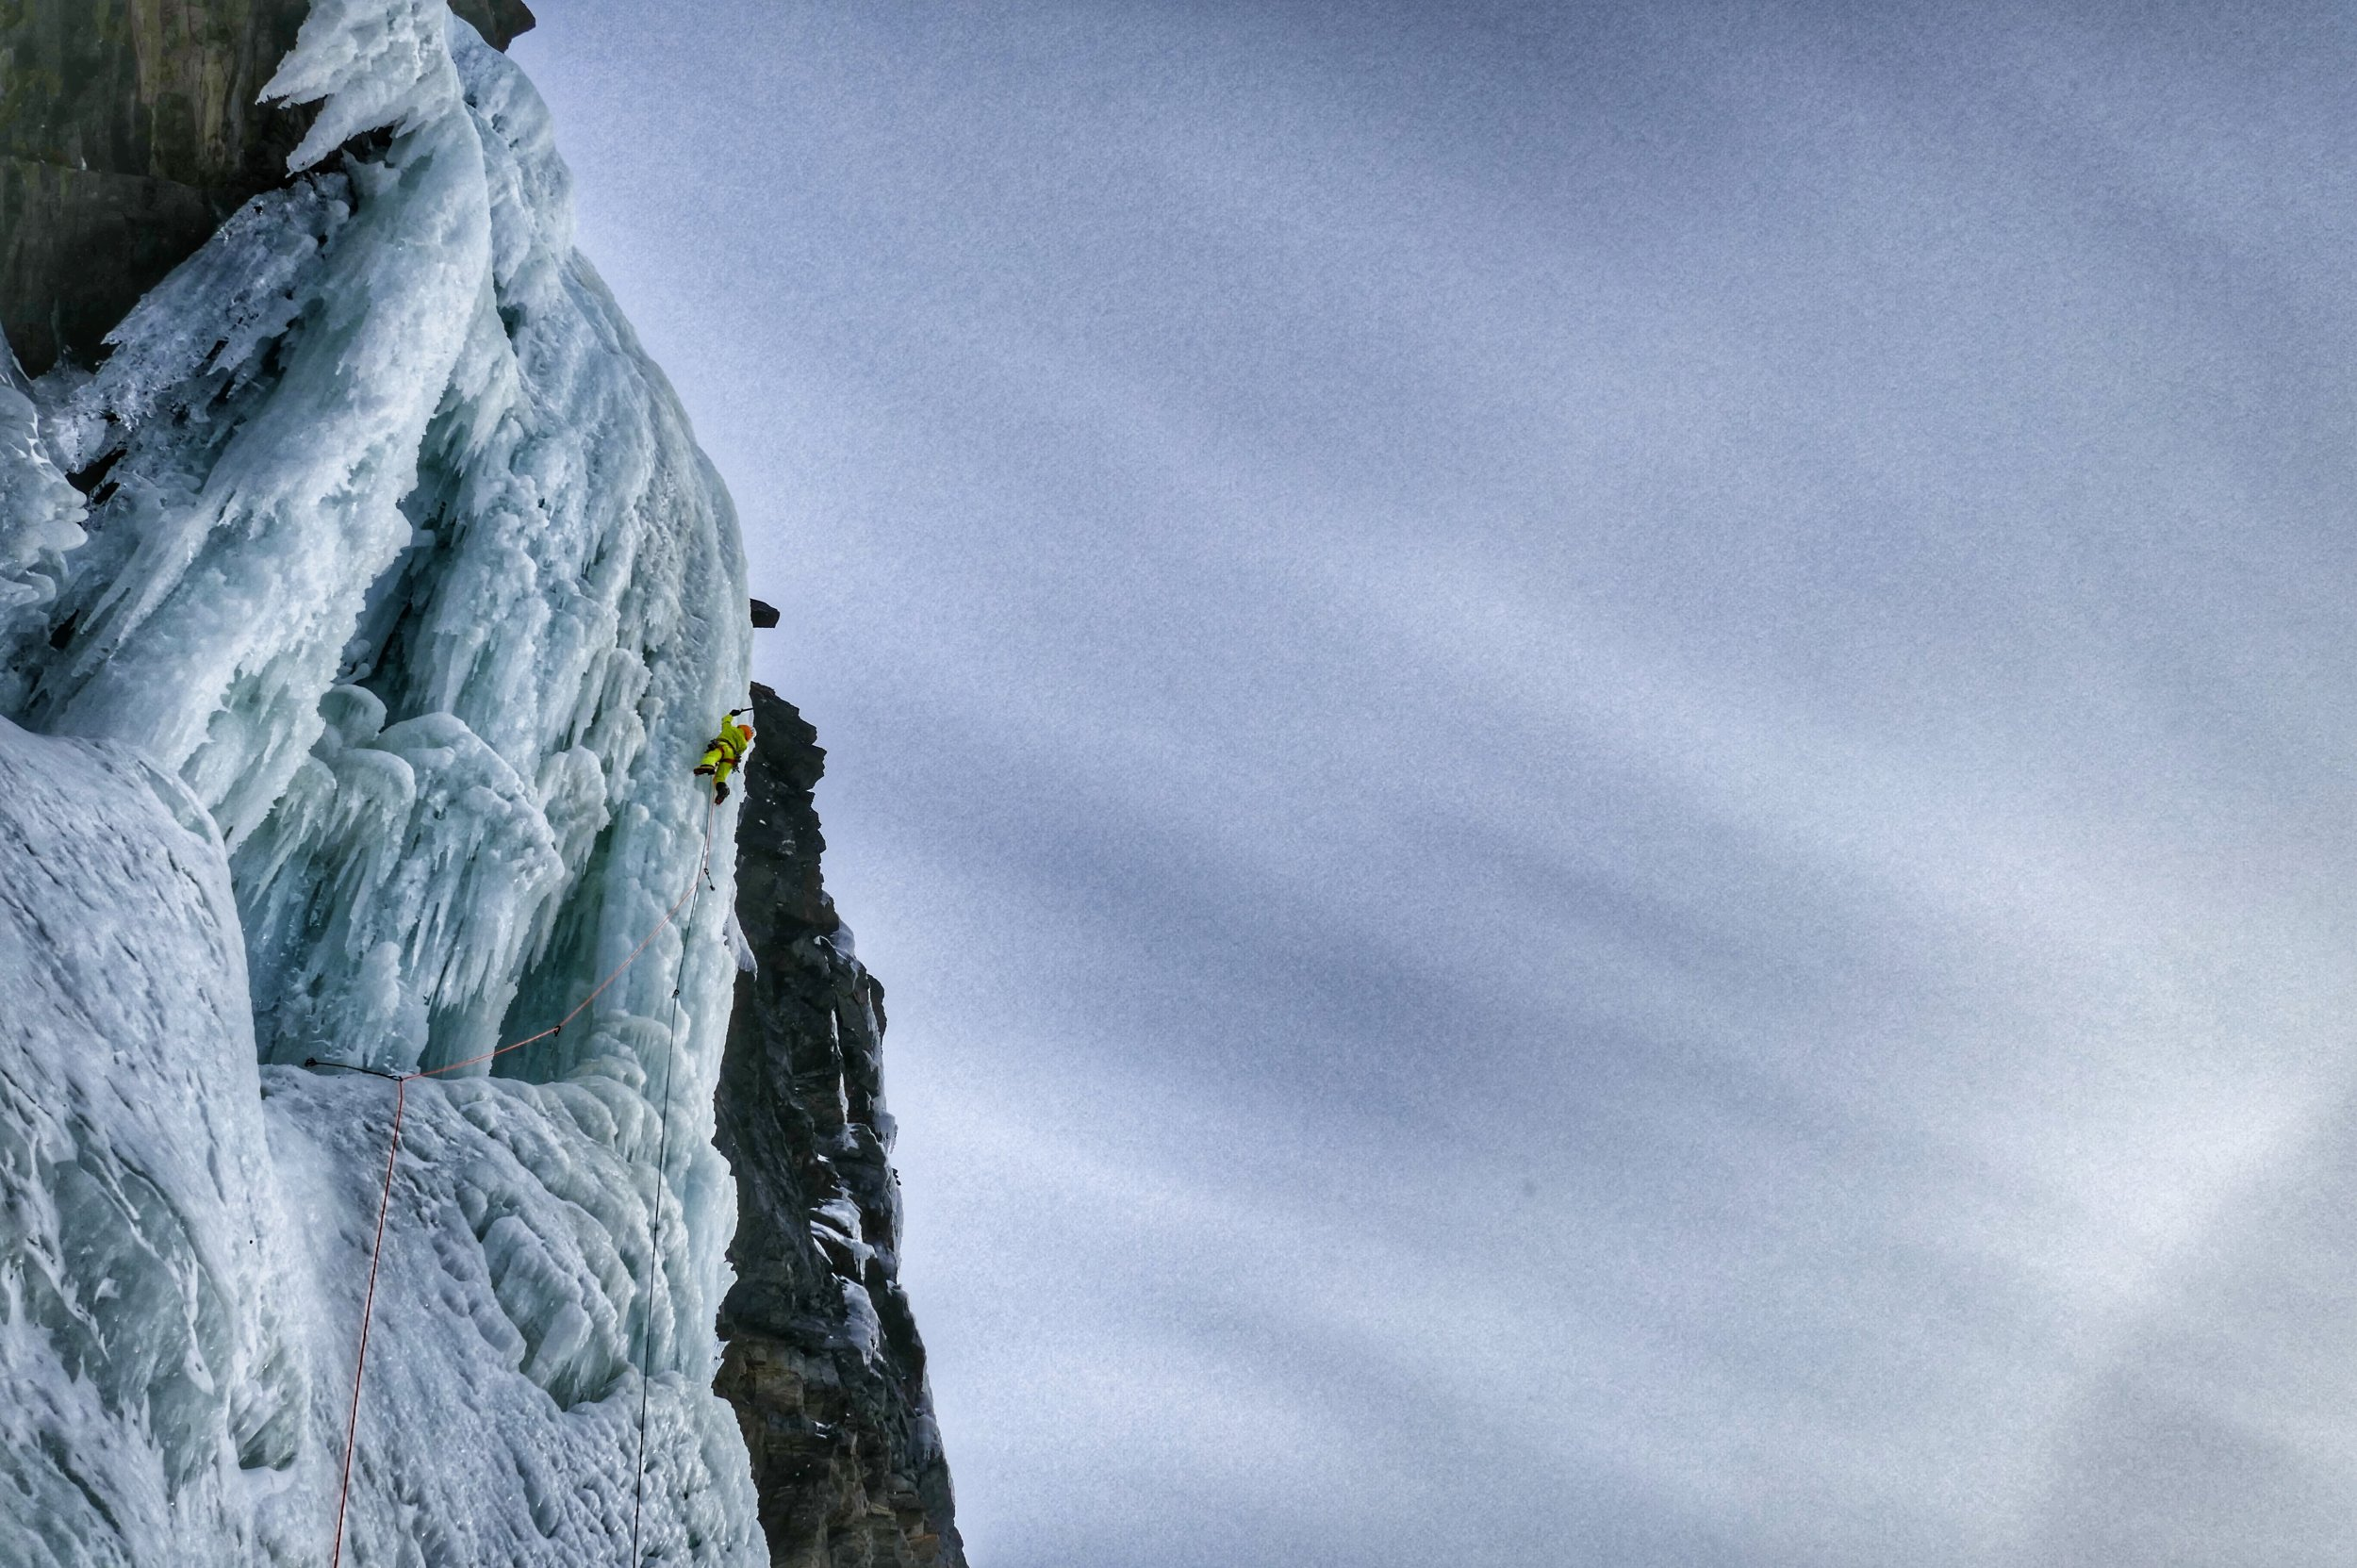 Tanja Schmitt on the giant pillar of Rubben - picture Matthias Scherer